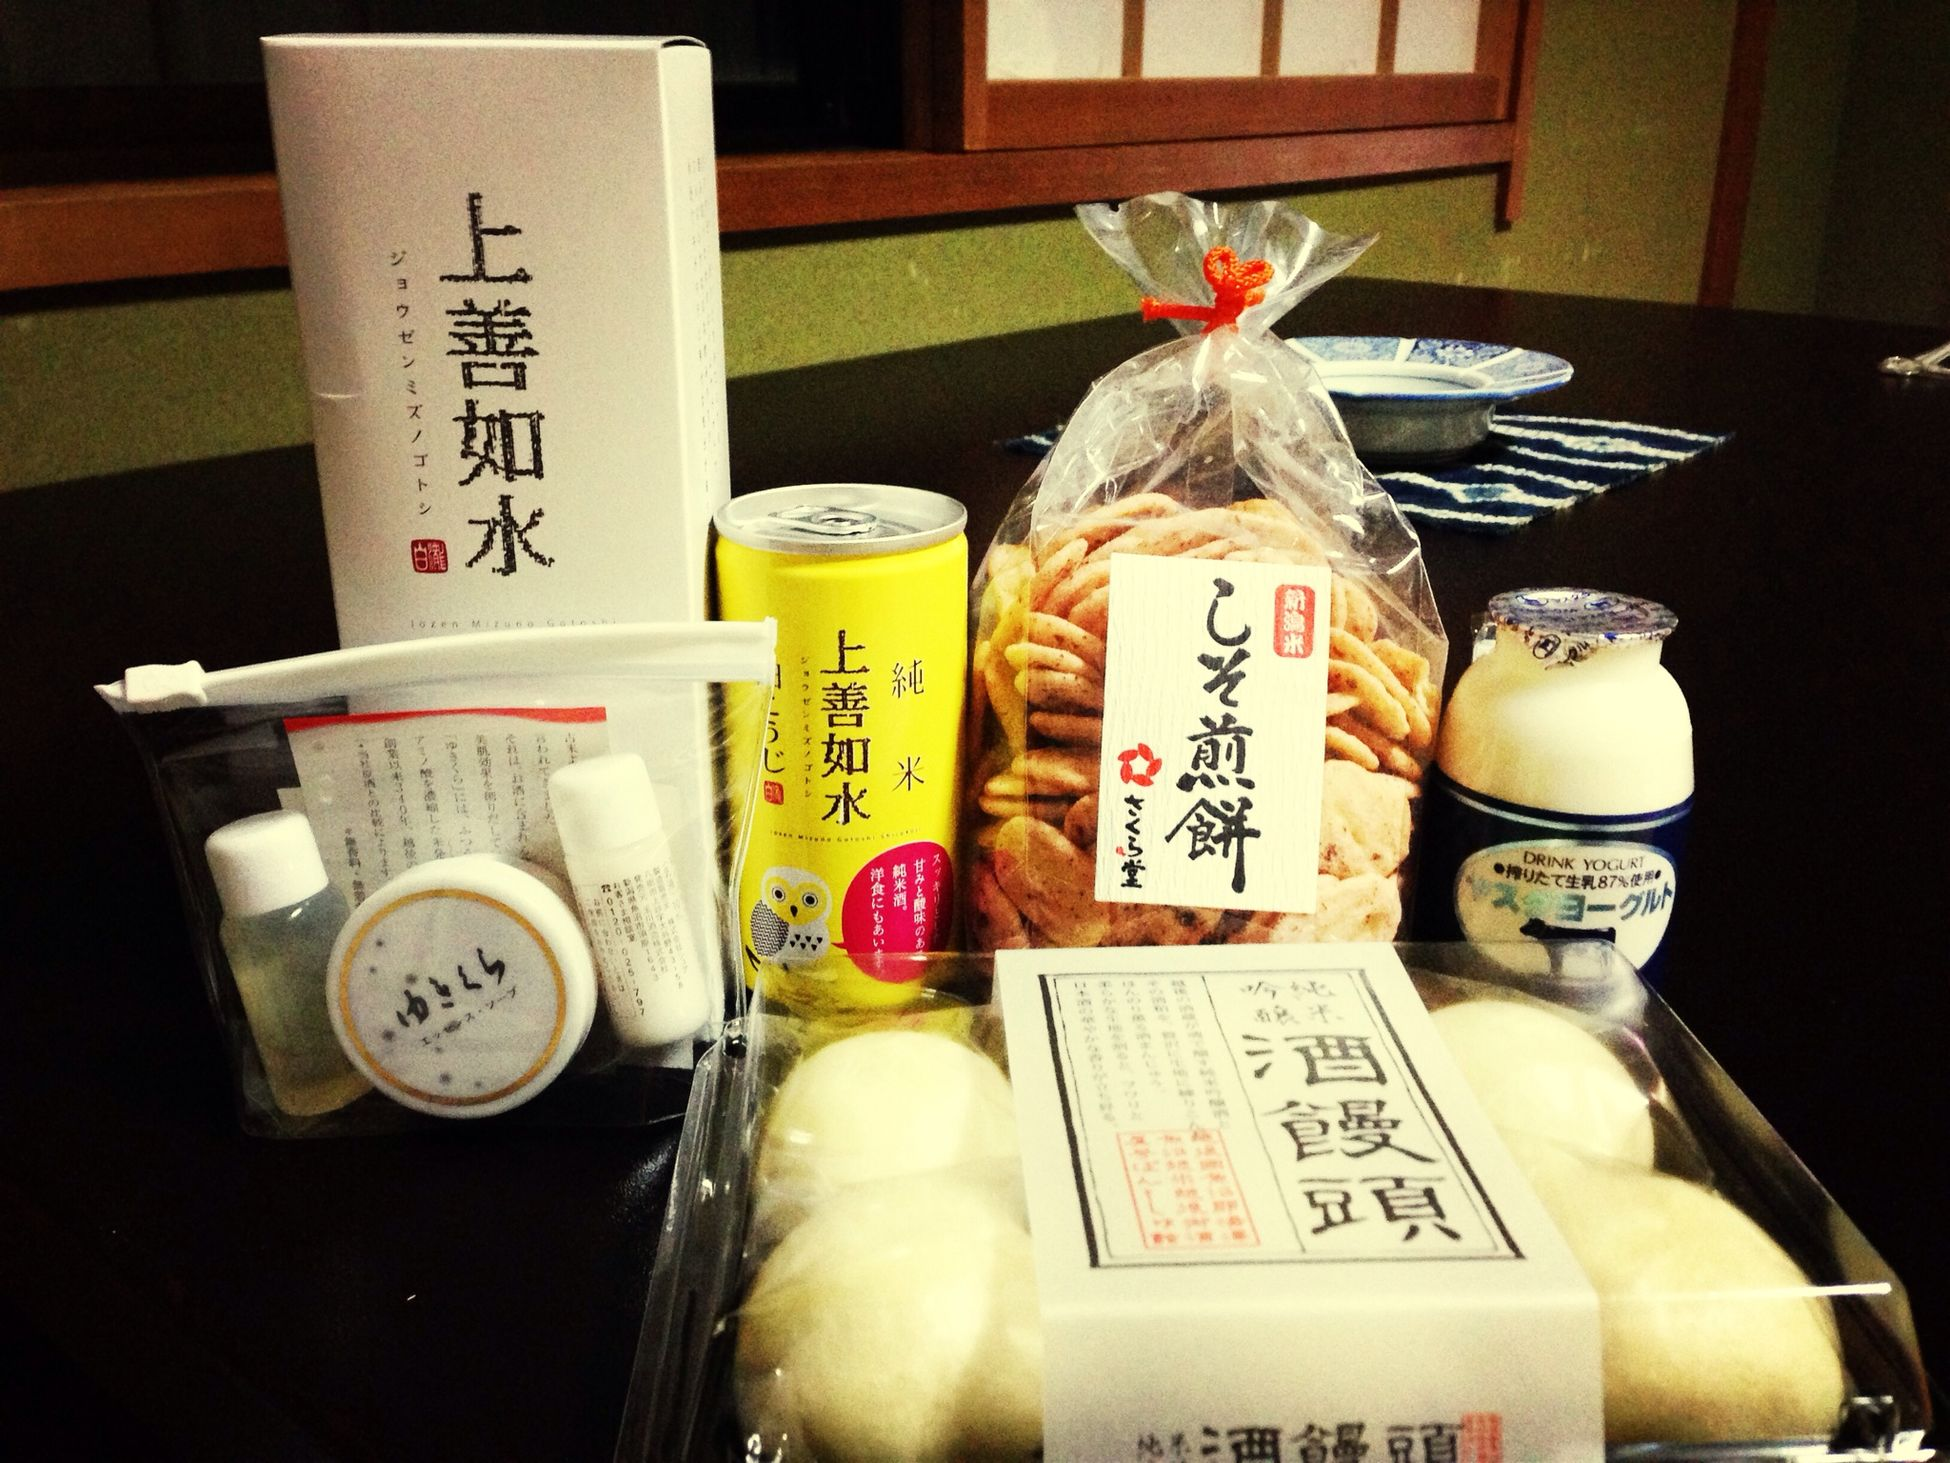 まだ明日もあるのにめっちゃ買ってしまった。。白麹の日本酒がおいしい。 Taking Photos Travel Sake Souvenirs